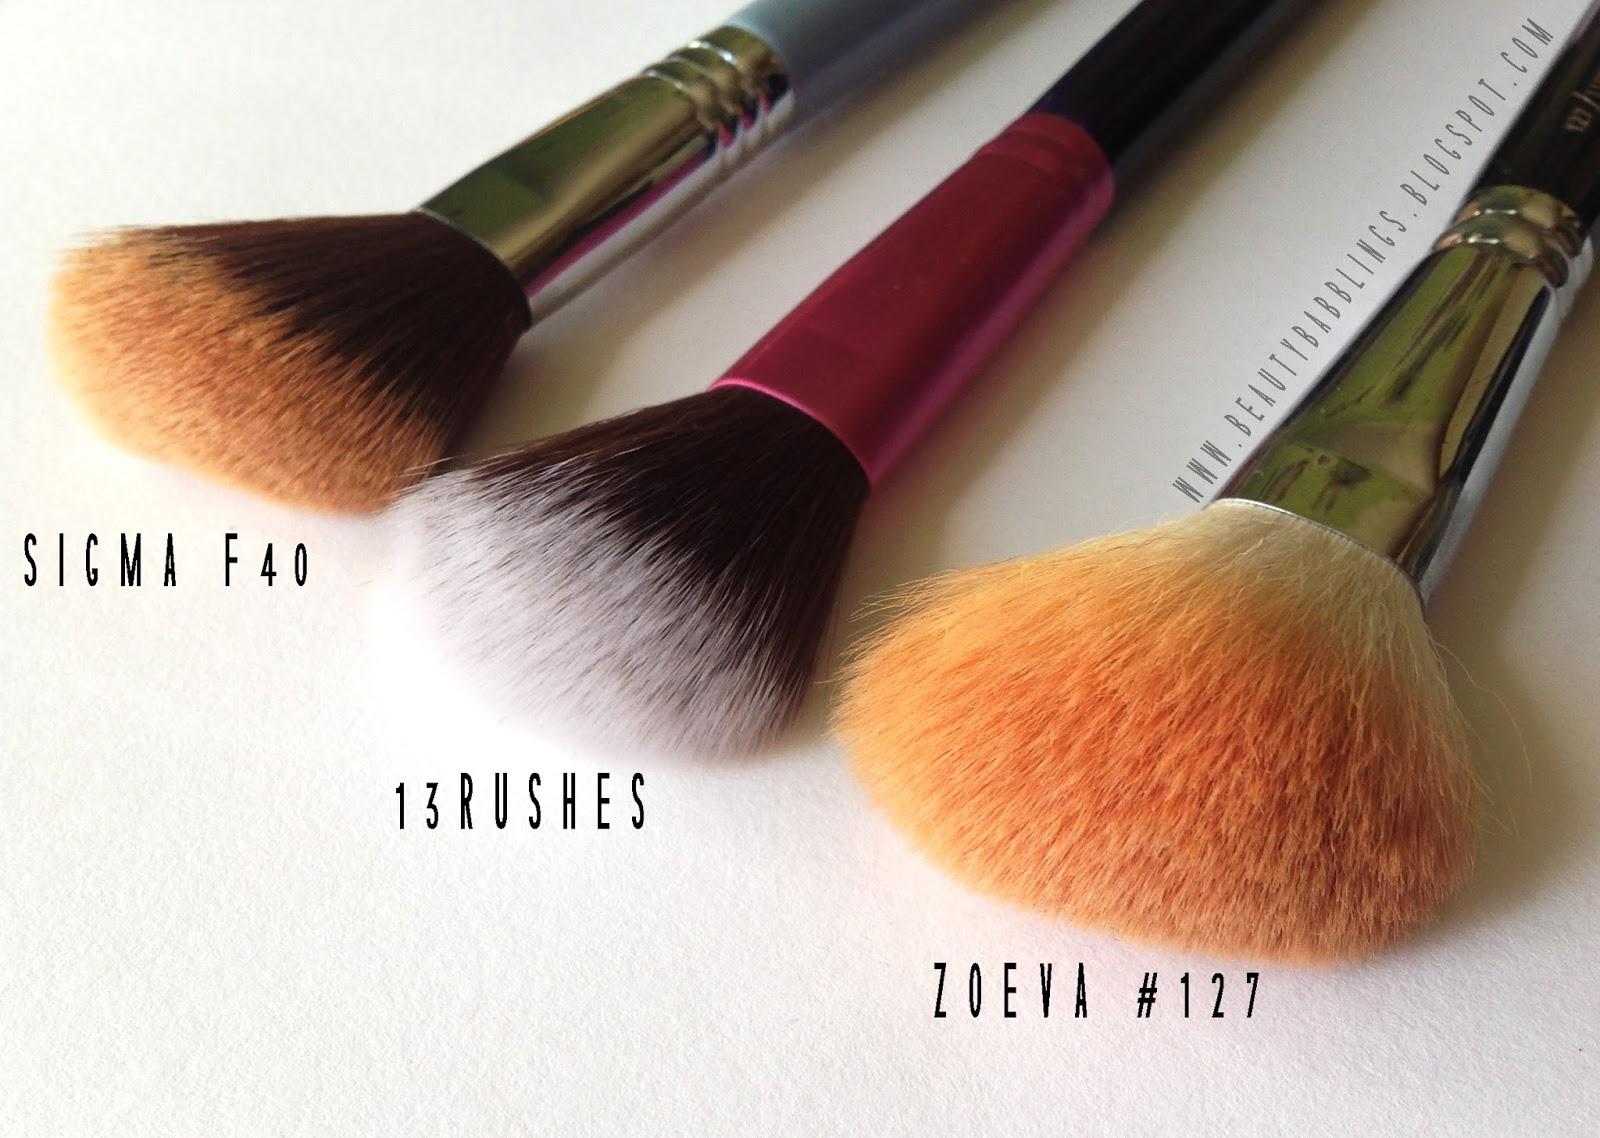 13rushes-round-cheek-brush-and-angled-cheek-brush-review